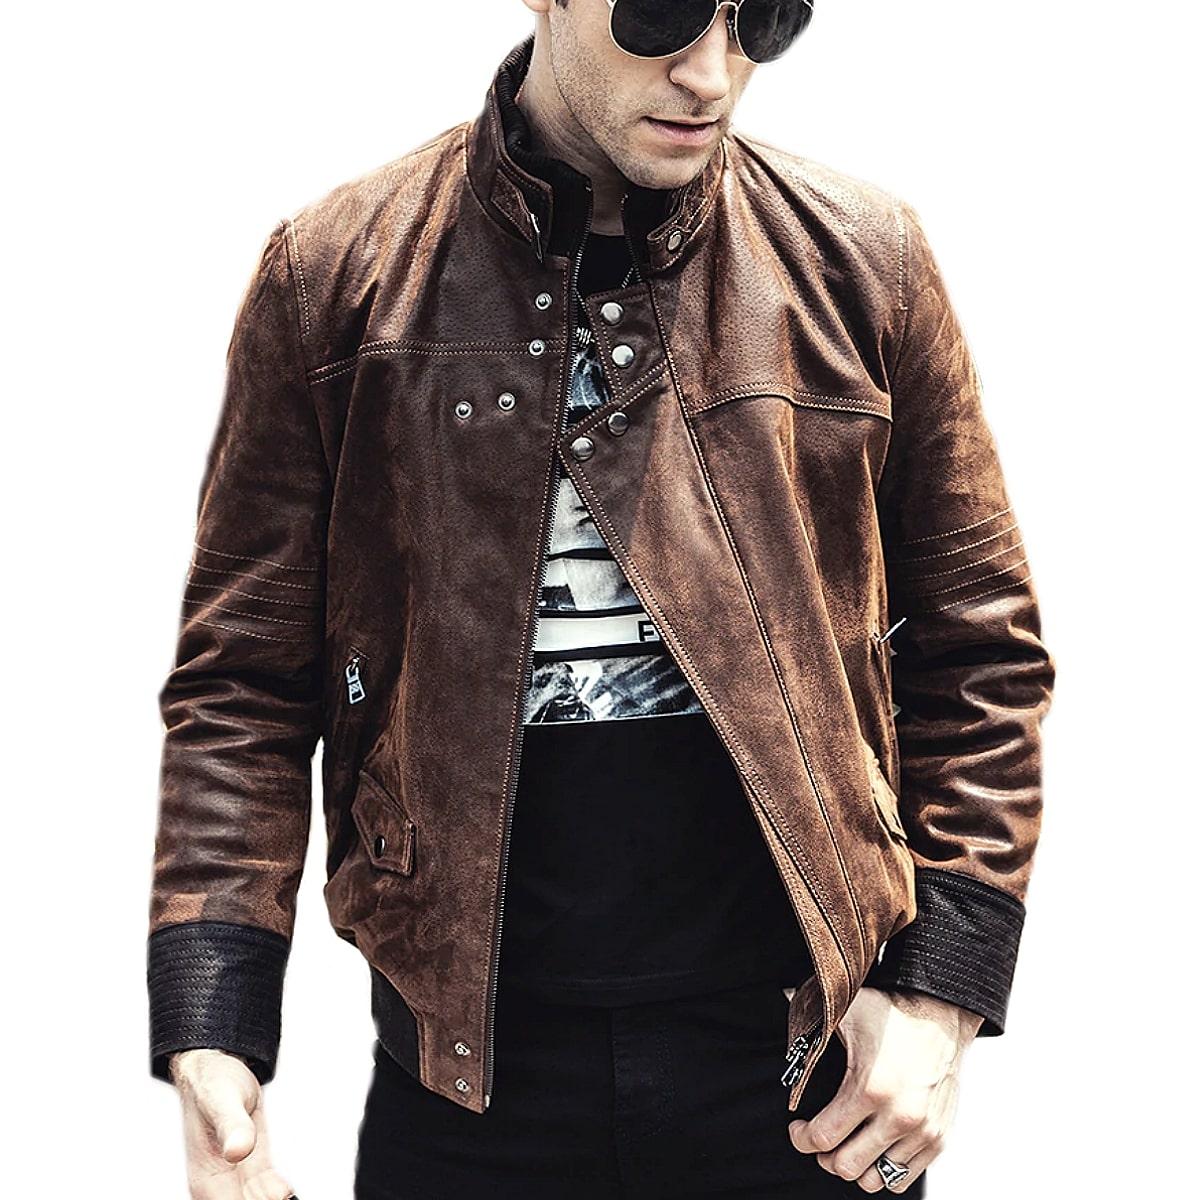 【送料無料!】全10サイズ! [Men's Stand Collar Brown Pigskin Genuine Leather Jacket] メンズ スタンドカラー ブラウン ピッグスキン ジェニュインレザージャケット! 本革 豚革 革ジャン シングルライダース ビンテージ加工 コート アウター バイクに!